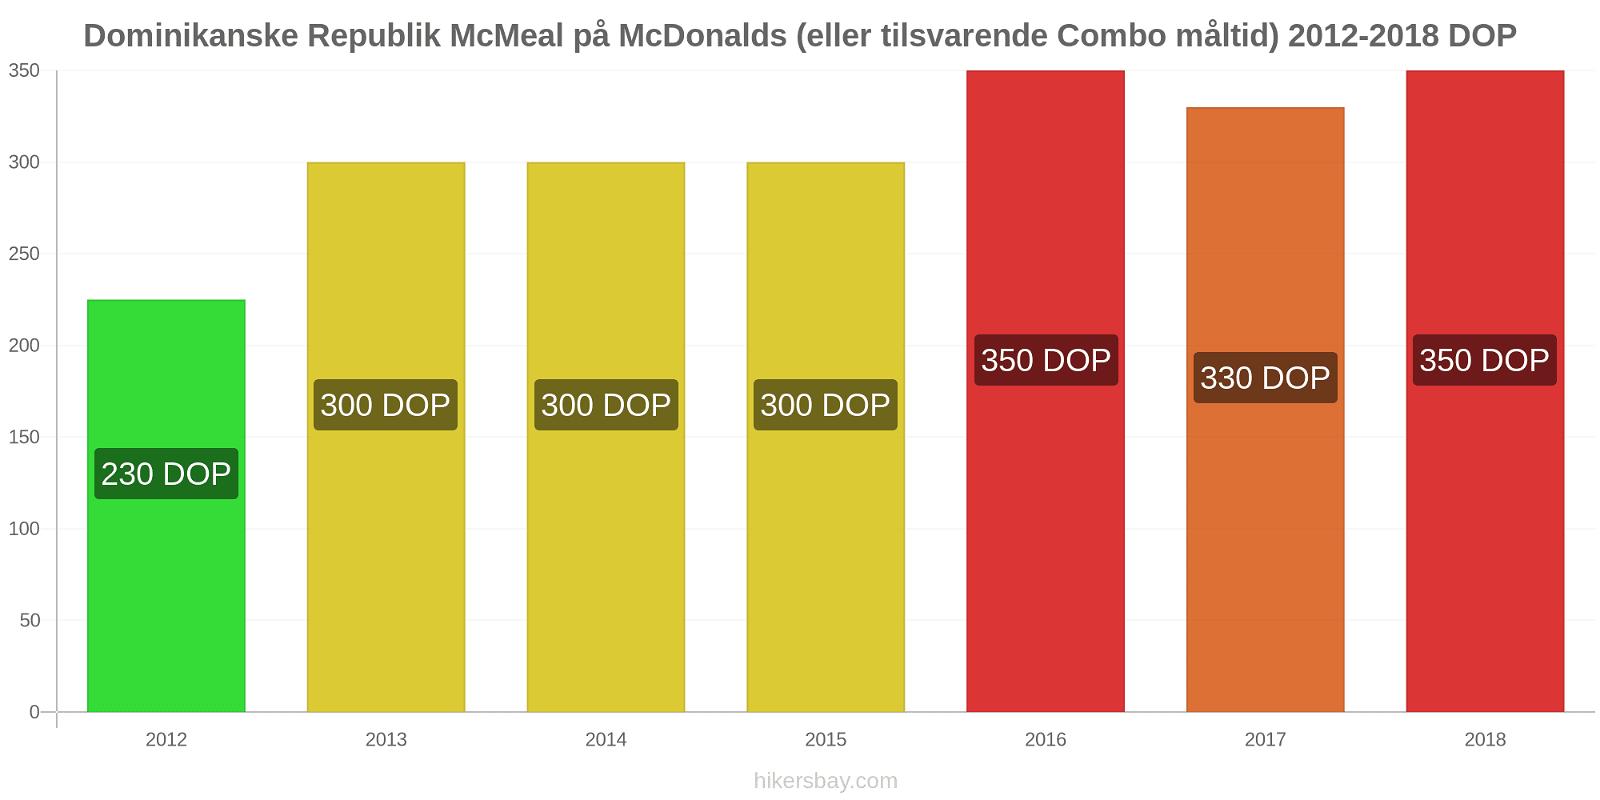 Dominikanske Republik prisændringer McMeal på McDonalds (eller tilsvarende Combo måltid) hikersbay.com